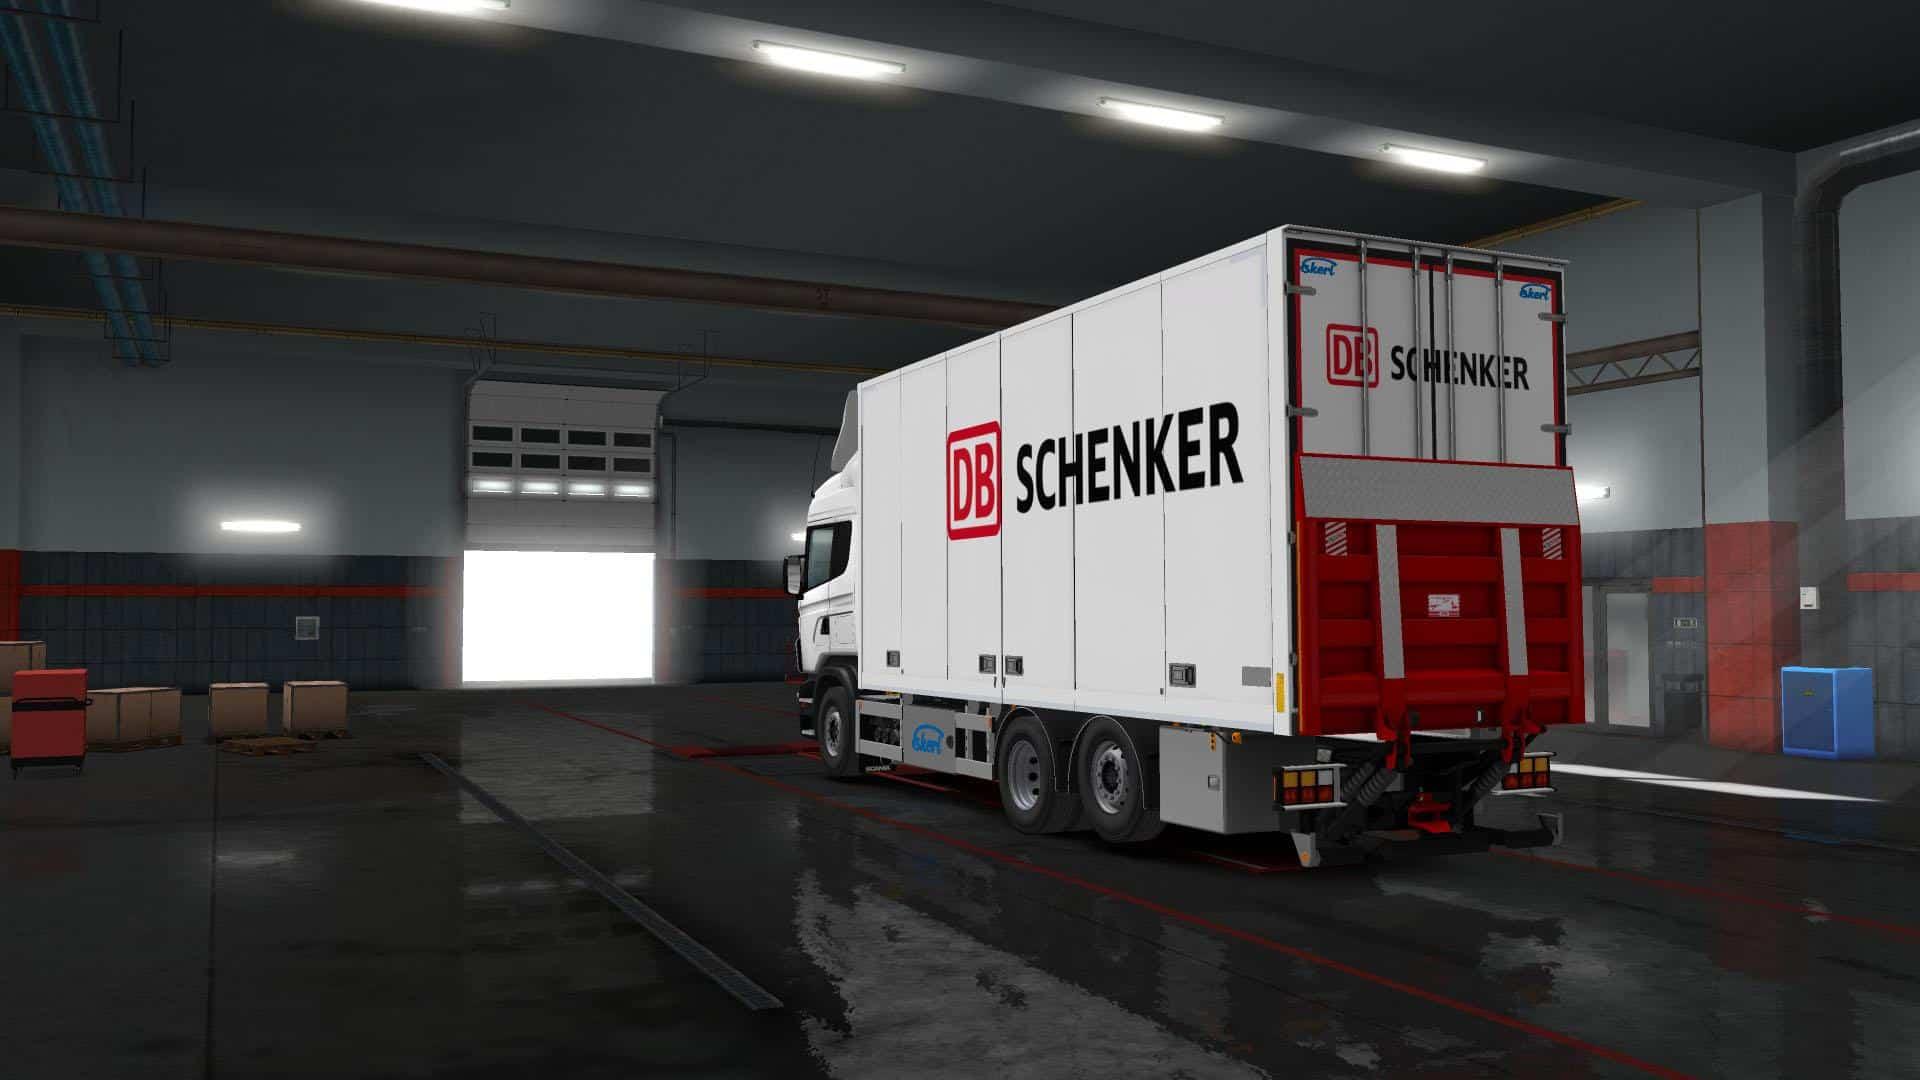 Db Schenker Aktie